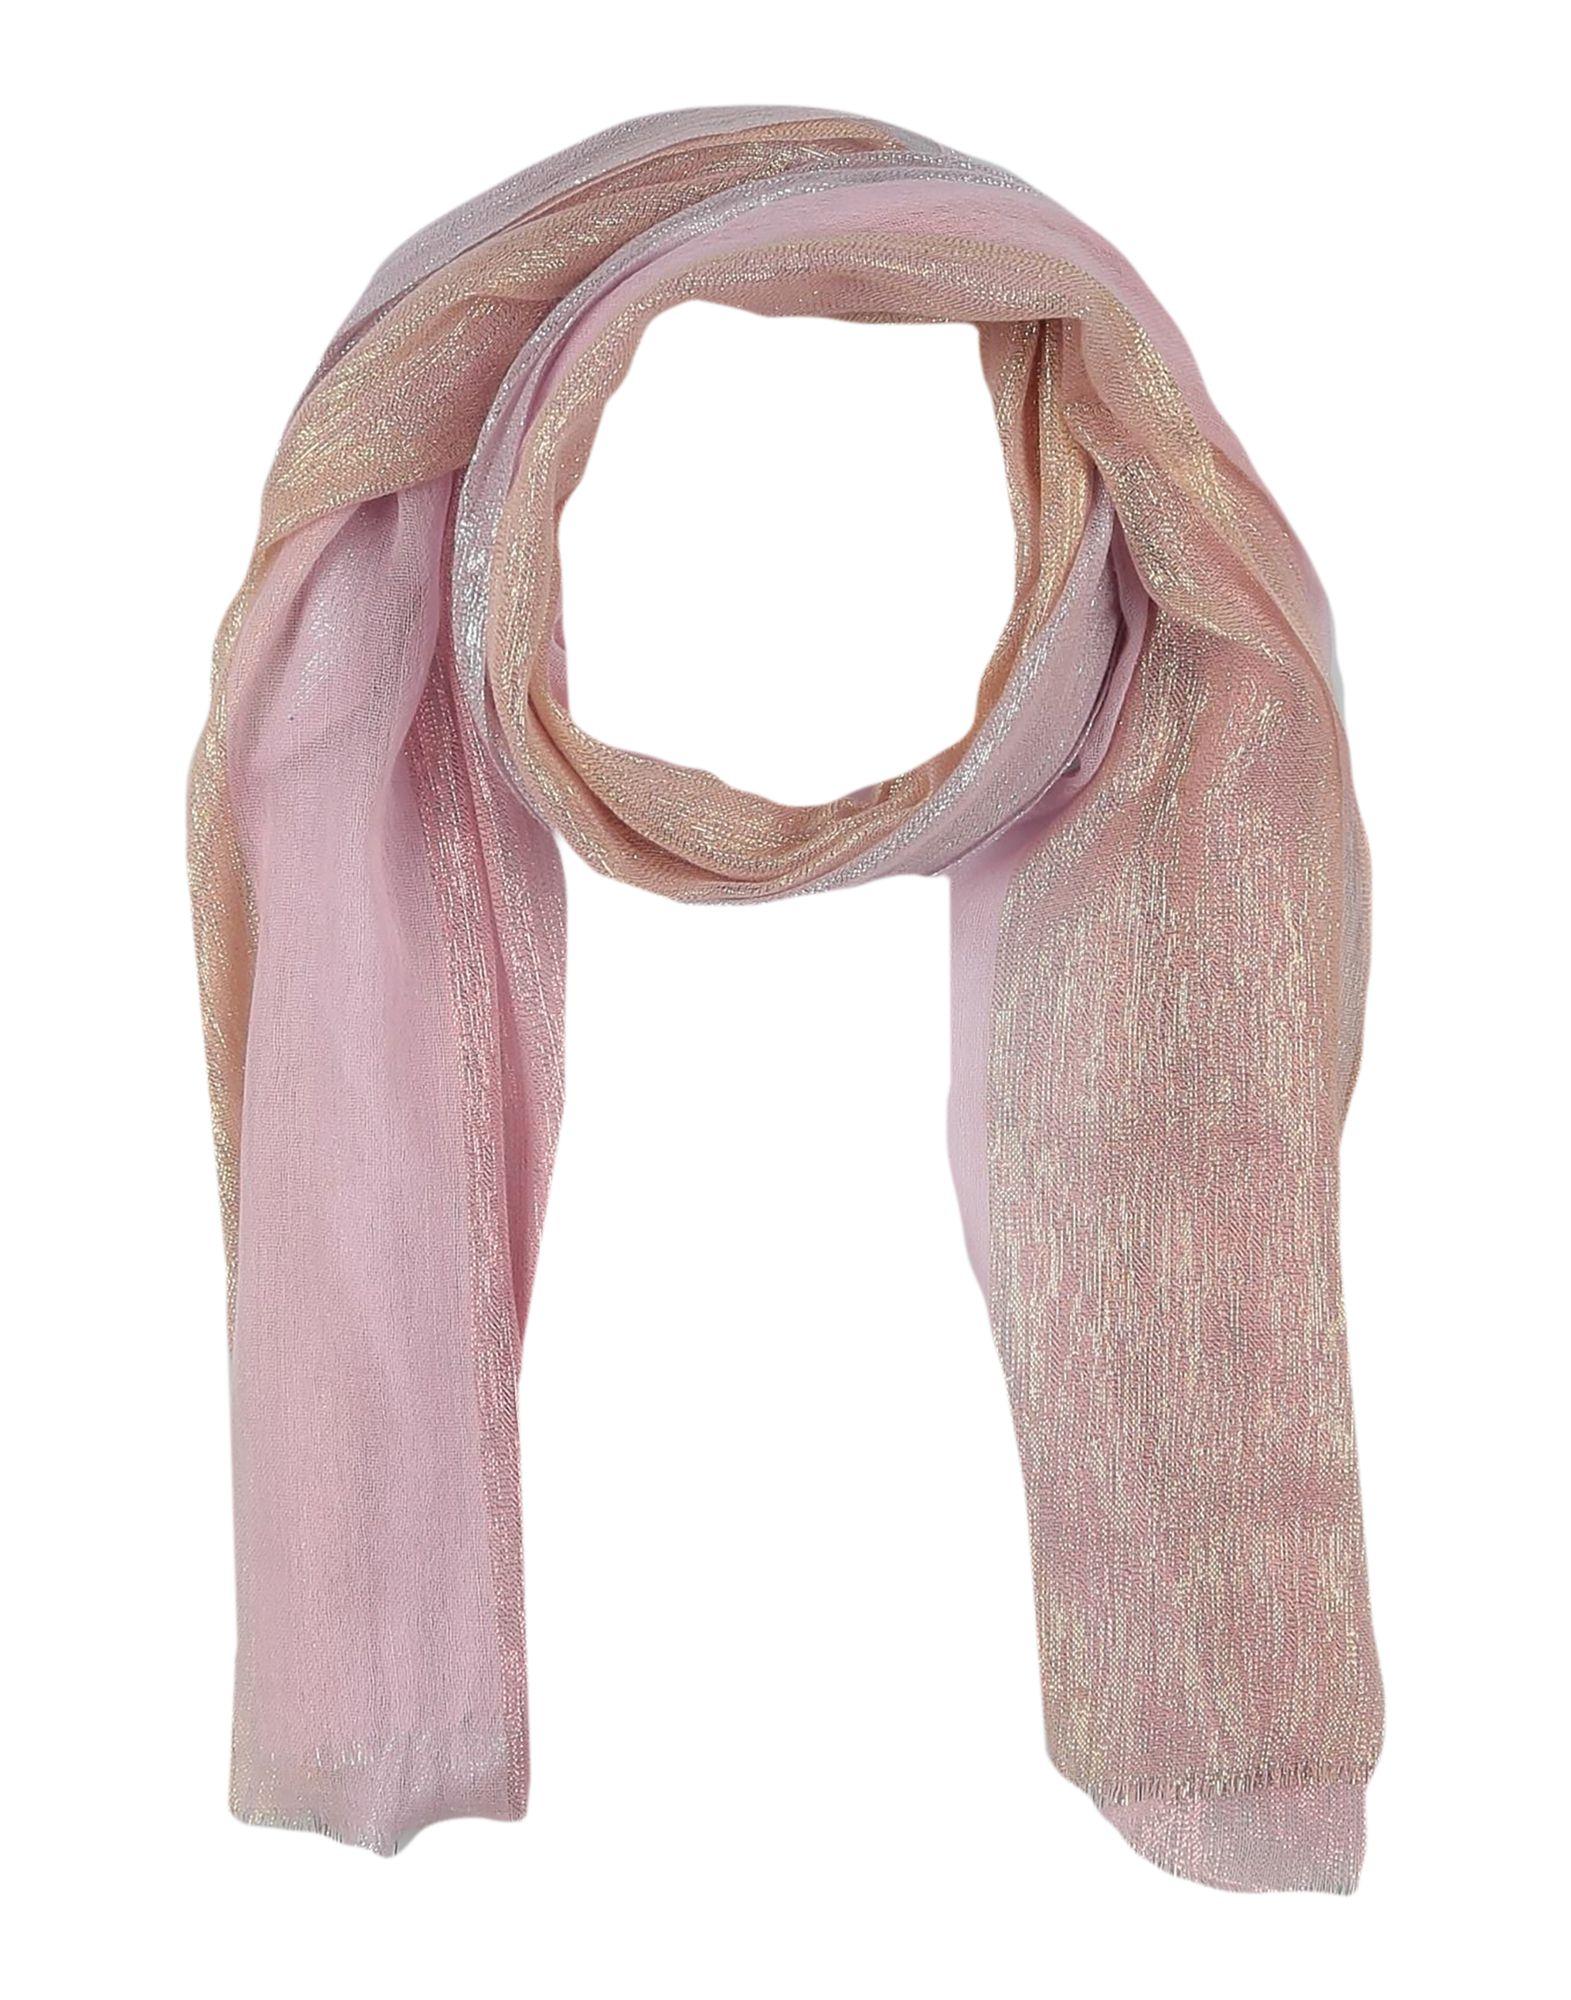 《期間限定セール開催中!》DIANORA SALVIATI レディース ストール ピンク 紡績繊維